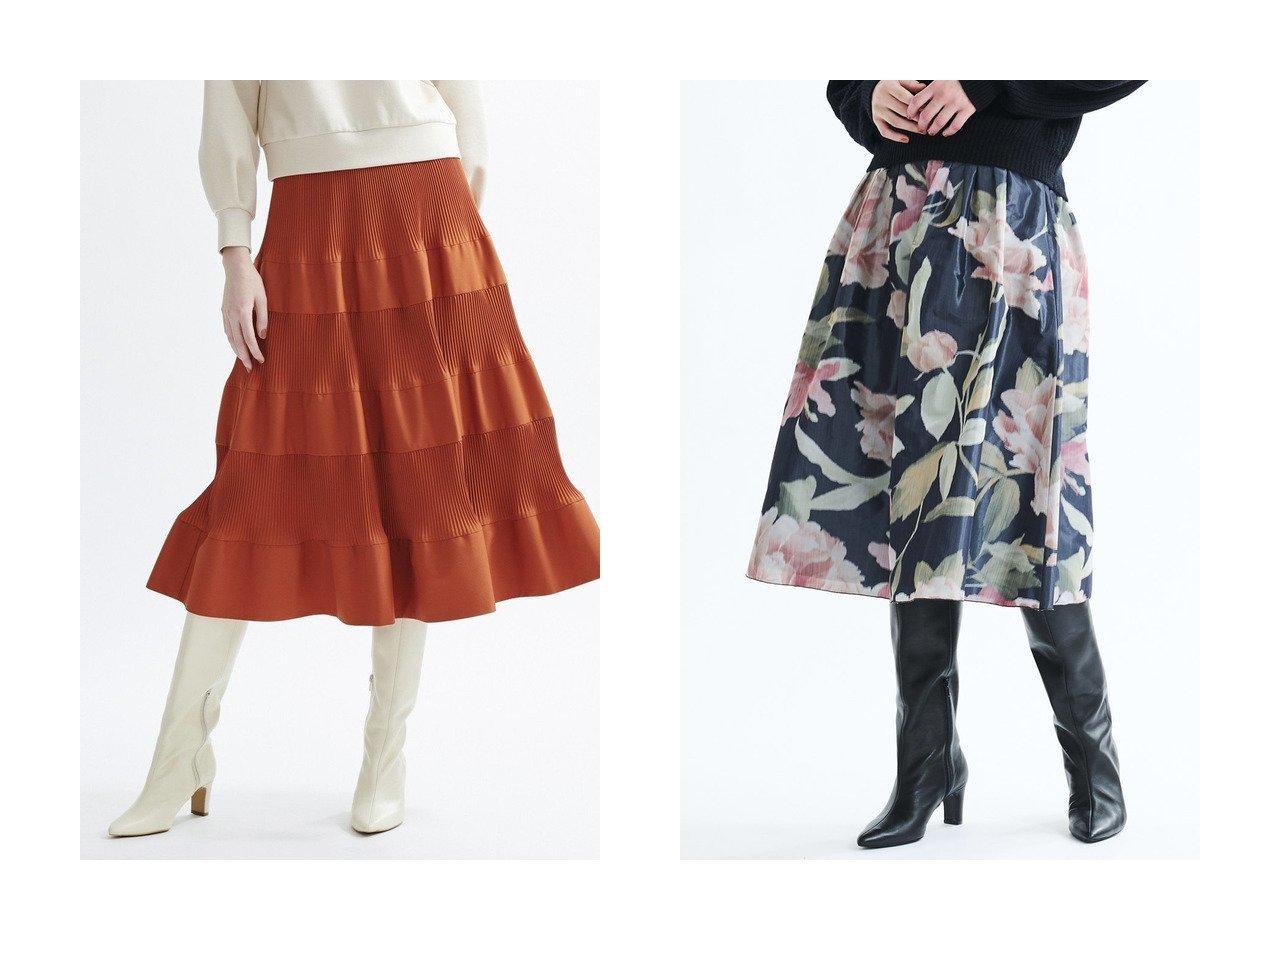 【LANVIN en Bleu/ランバン オン ブルー】の切リ替エプリーツギャザースカート&フラワージャカードタフタスカート 【スカート】おすすめ!人気、トレンド・レディースファッションの通販 おすすめで人気の流行・トレンド、ファッションの通販商品 インテリア・家具・メンズファッション・キッズファッション・レディースファッション・服の通販 founy(ファニー) https://founy.com/ ファッション Fashion レディースファッション WOMEN スカート Skirt イレギュラー コンパクト セットアップ タイプライター フィット プリーツ ポケット ミドル おすすめ Recommend イタリア フラワー フレア |ID:crp329100000069137